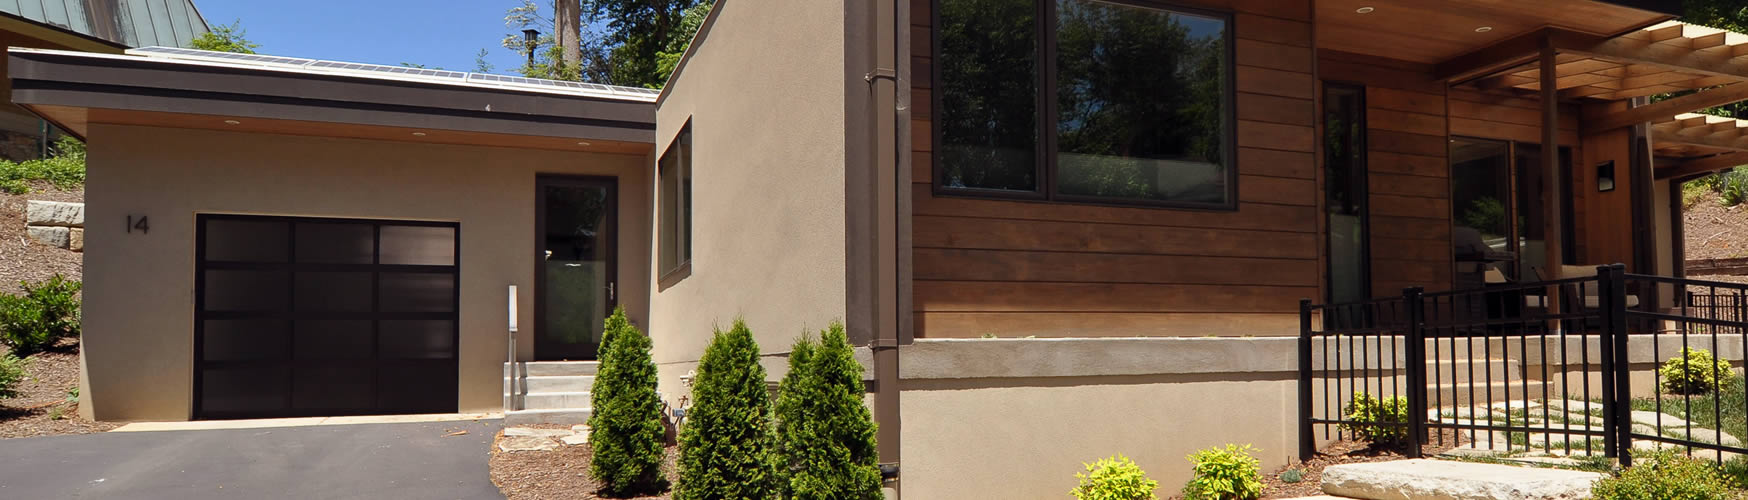 Perky Nashville Door 04 Doors Denver Doors Cost houzz-03 Contemporary Garage Doors